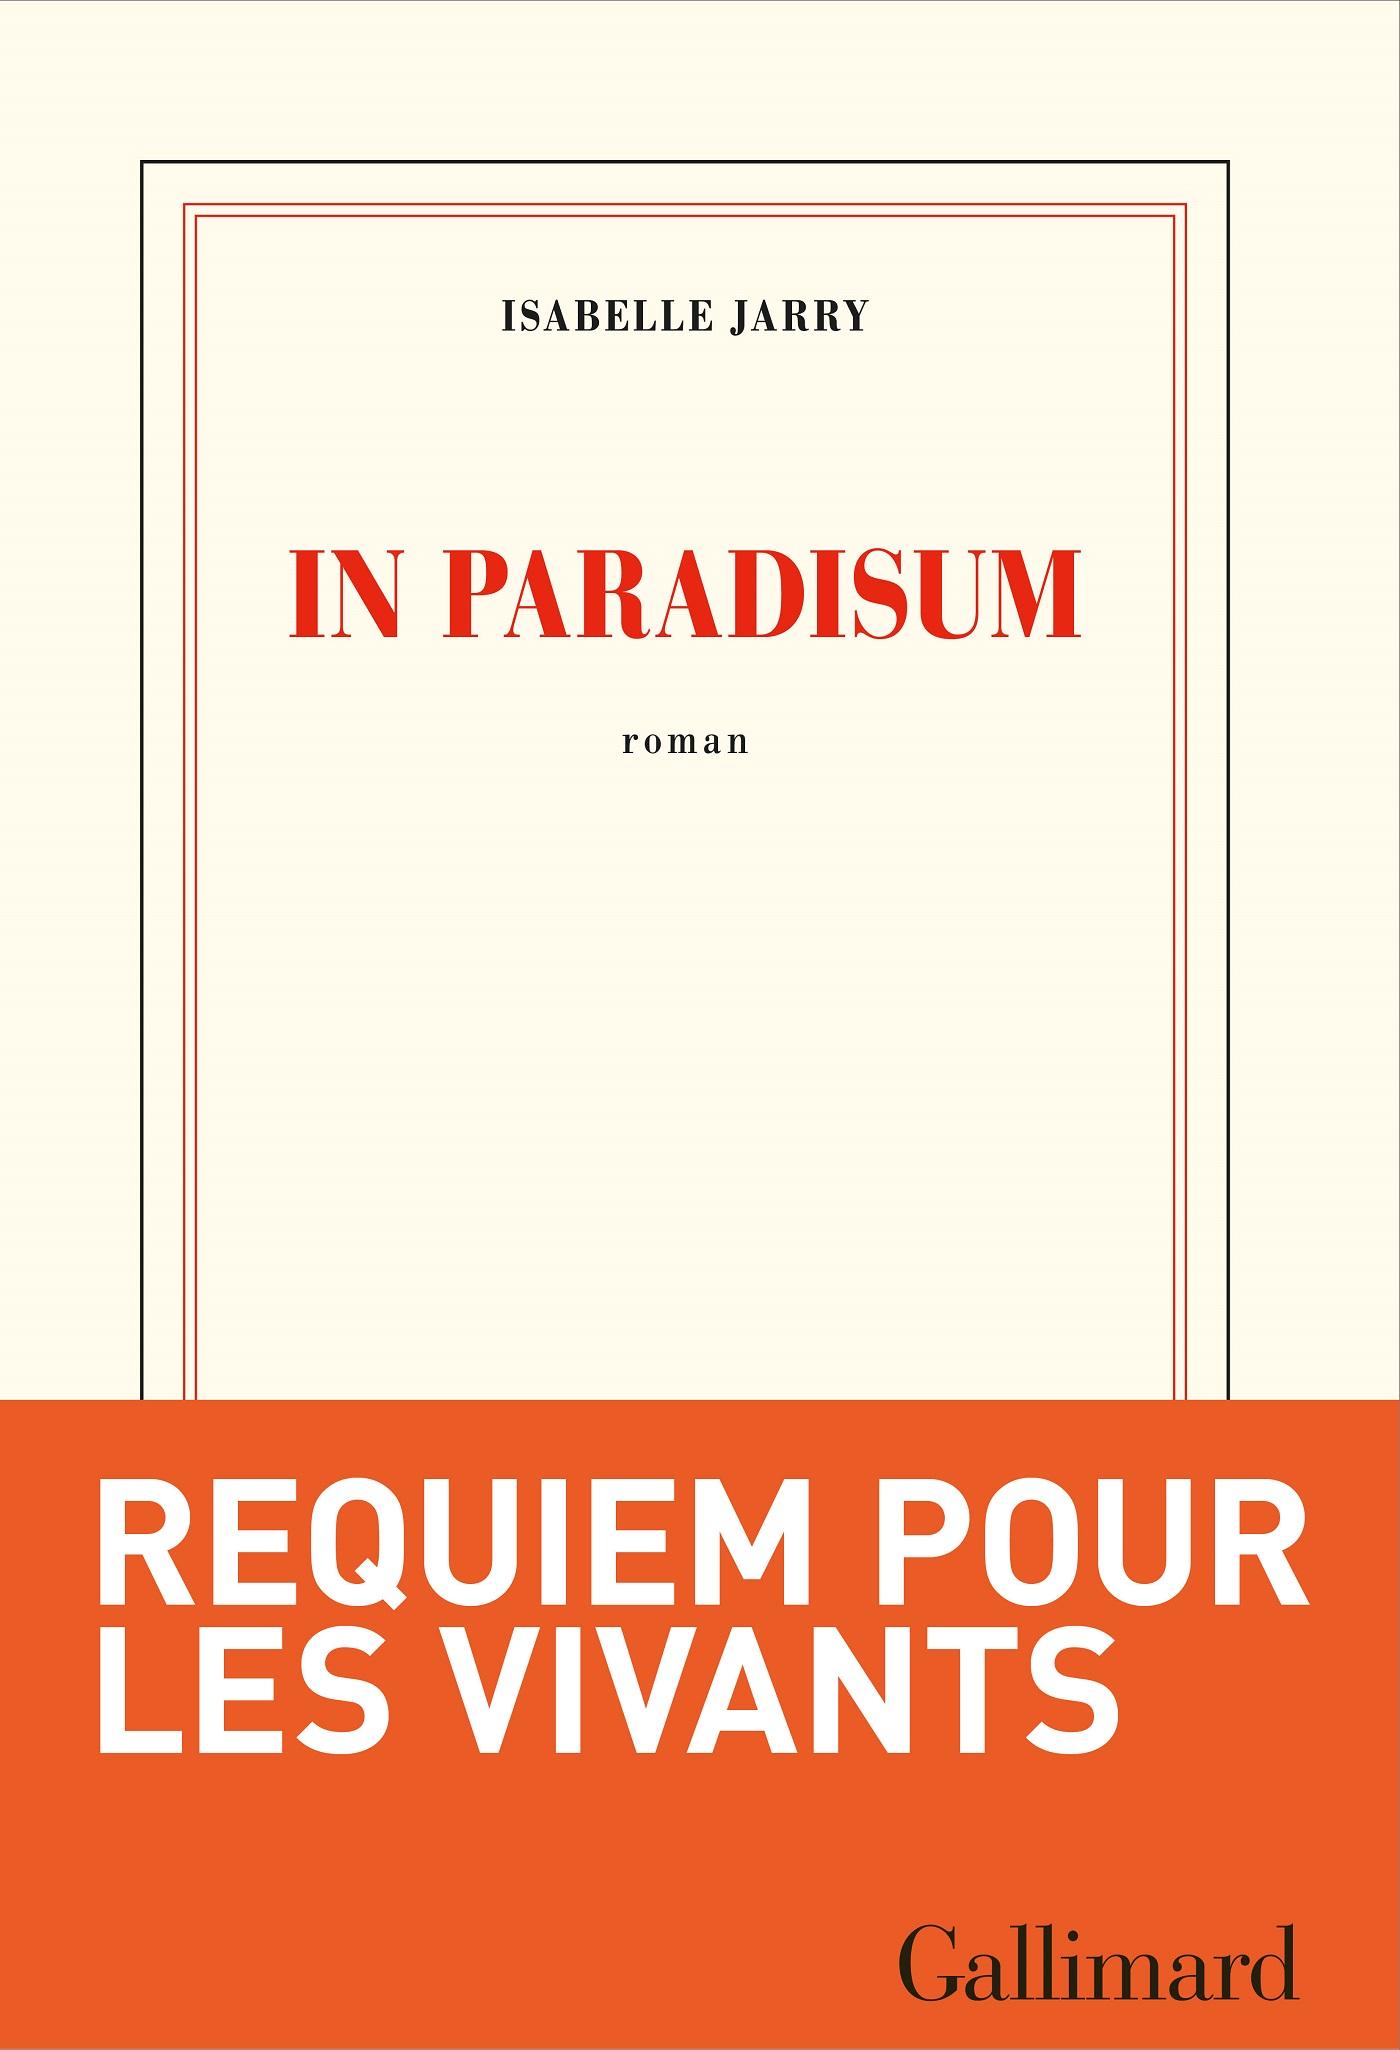 In paradisum |